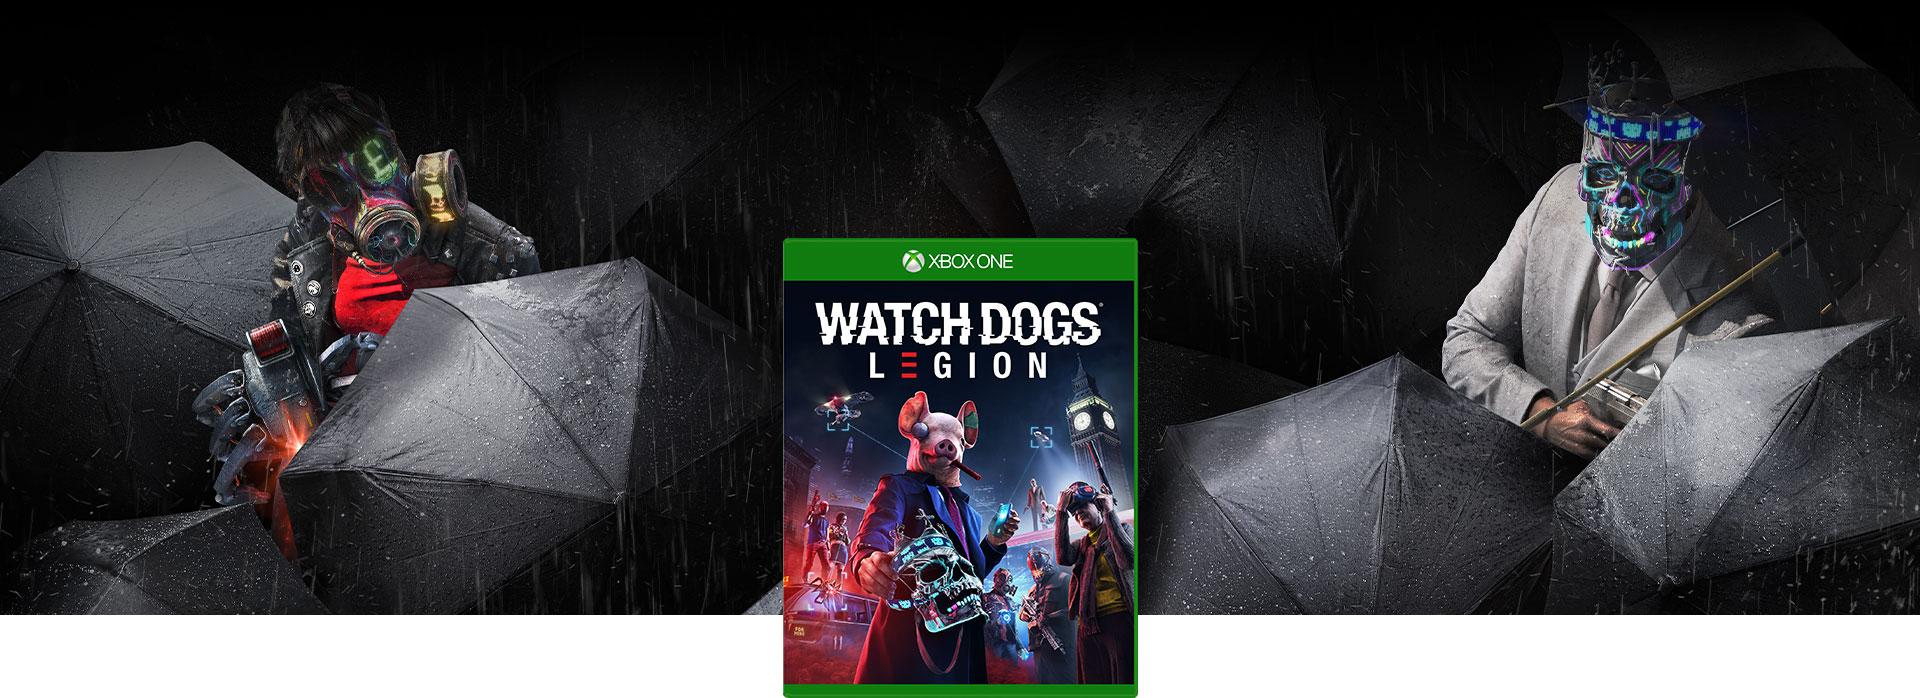 Imagen de la caja de Watch Dogs: Legion y dos personajes con armas entre paraguas negros y lluvia